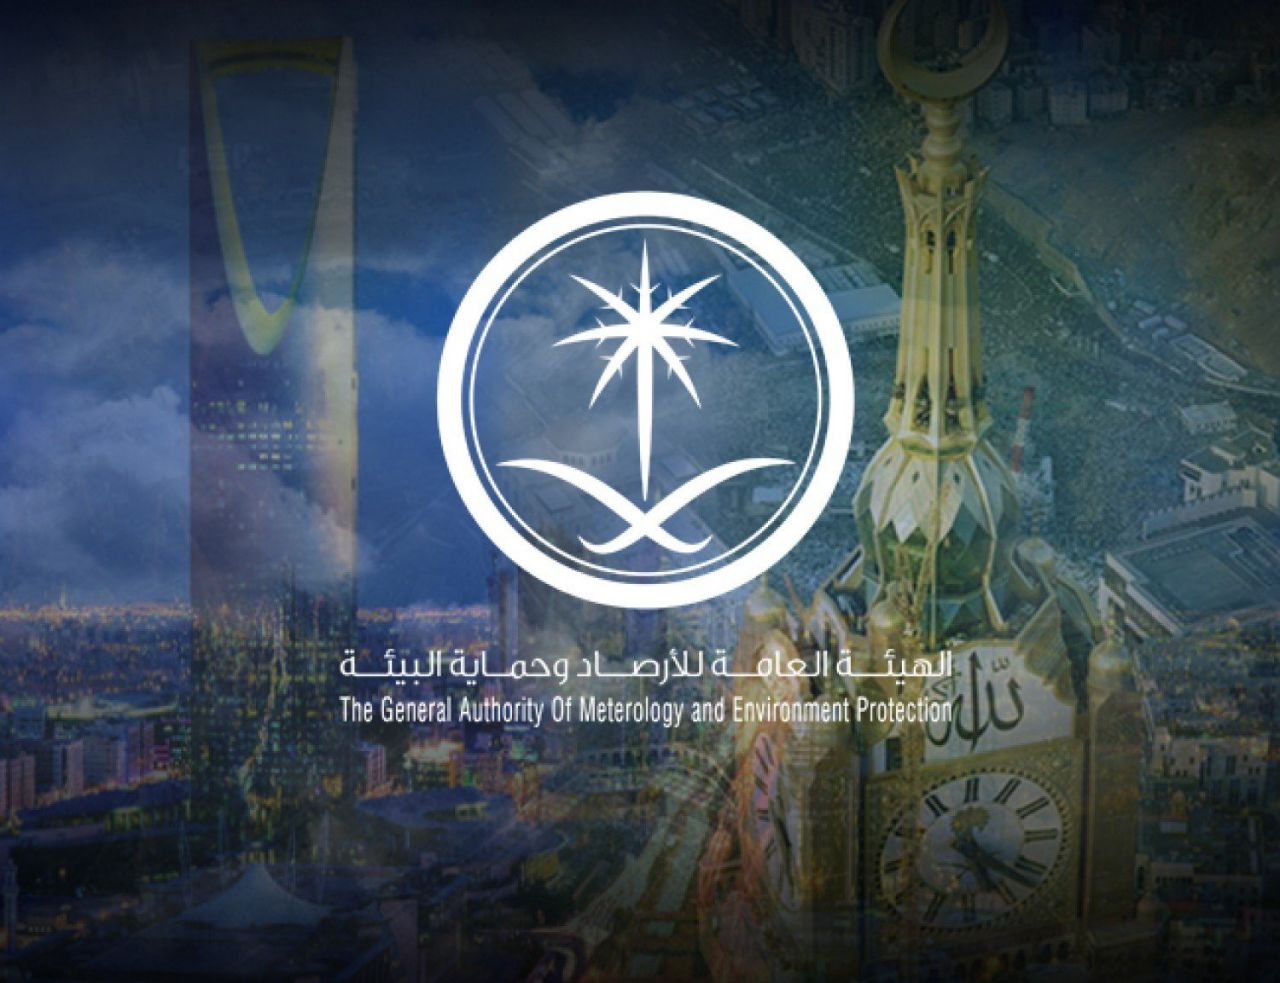 حالة الطقس المتوقعة ليوم السبت في المملكة